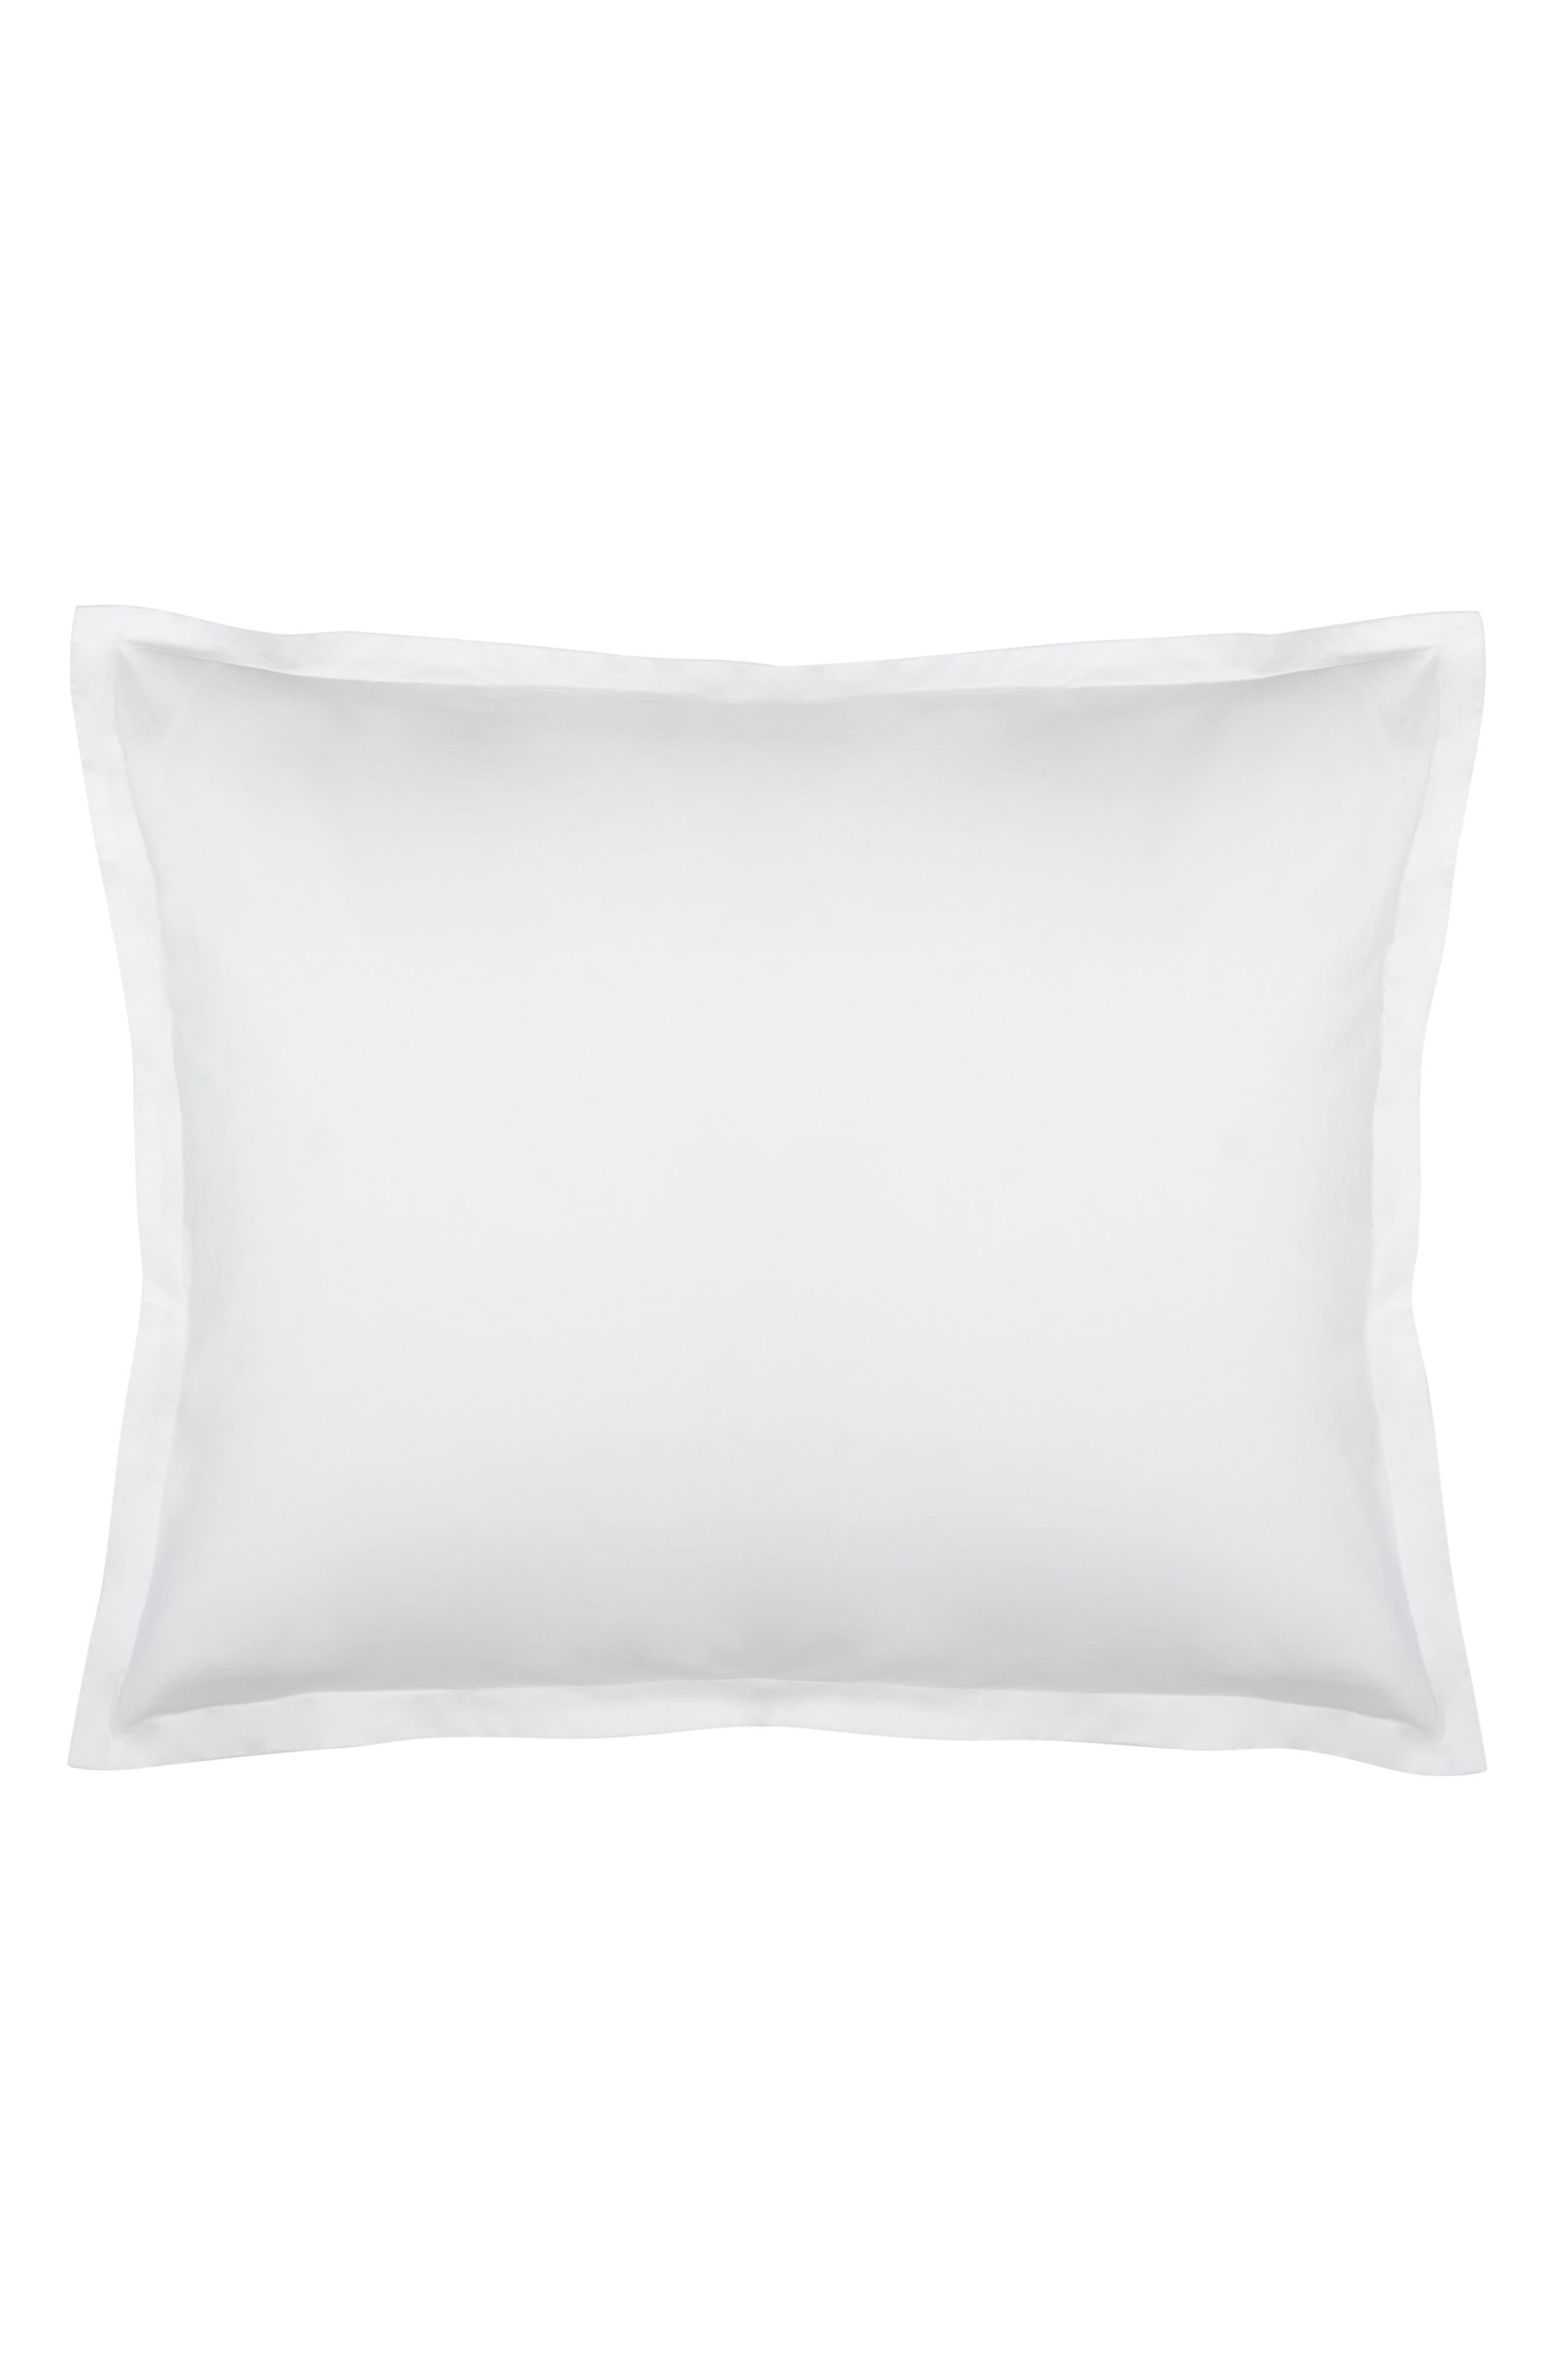 KASSATEX Lorimer 300 Thread Count Pillow Sham